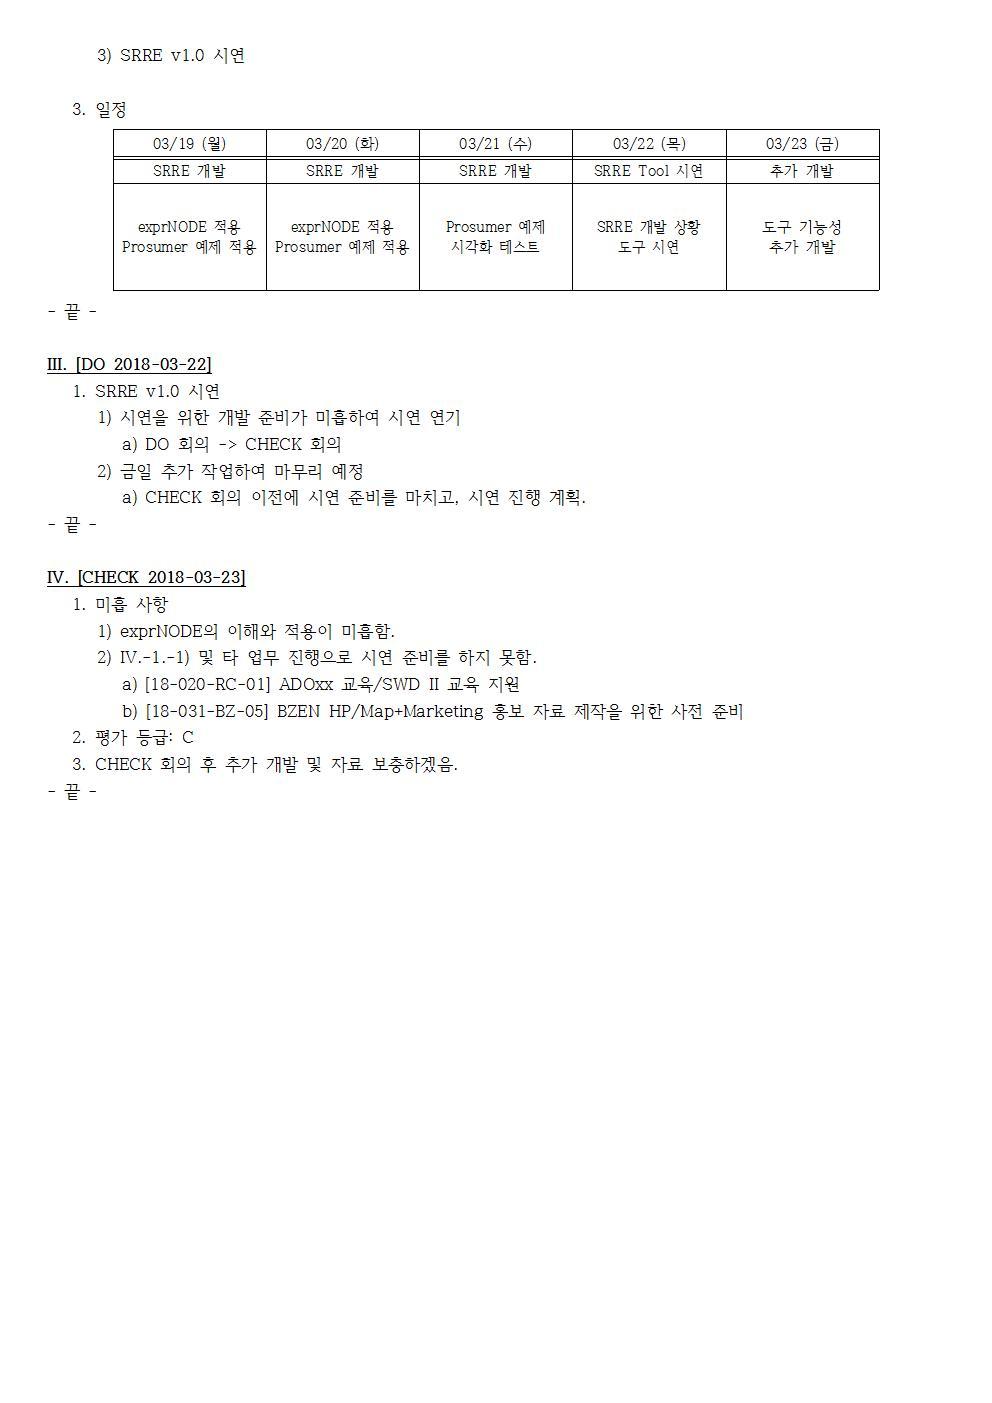 D-[18-003-RD-03]-[SRRE]-[2018-03-23][JS]002.jpg